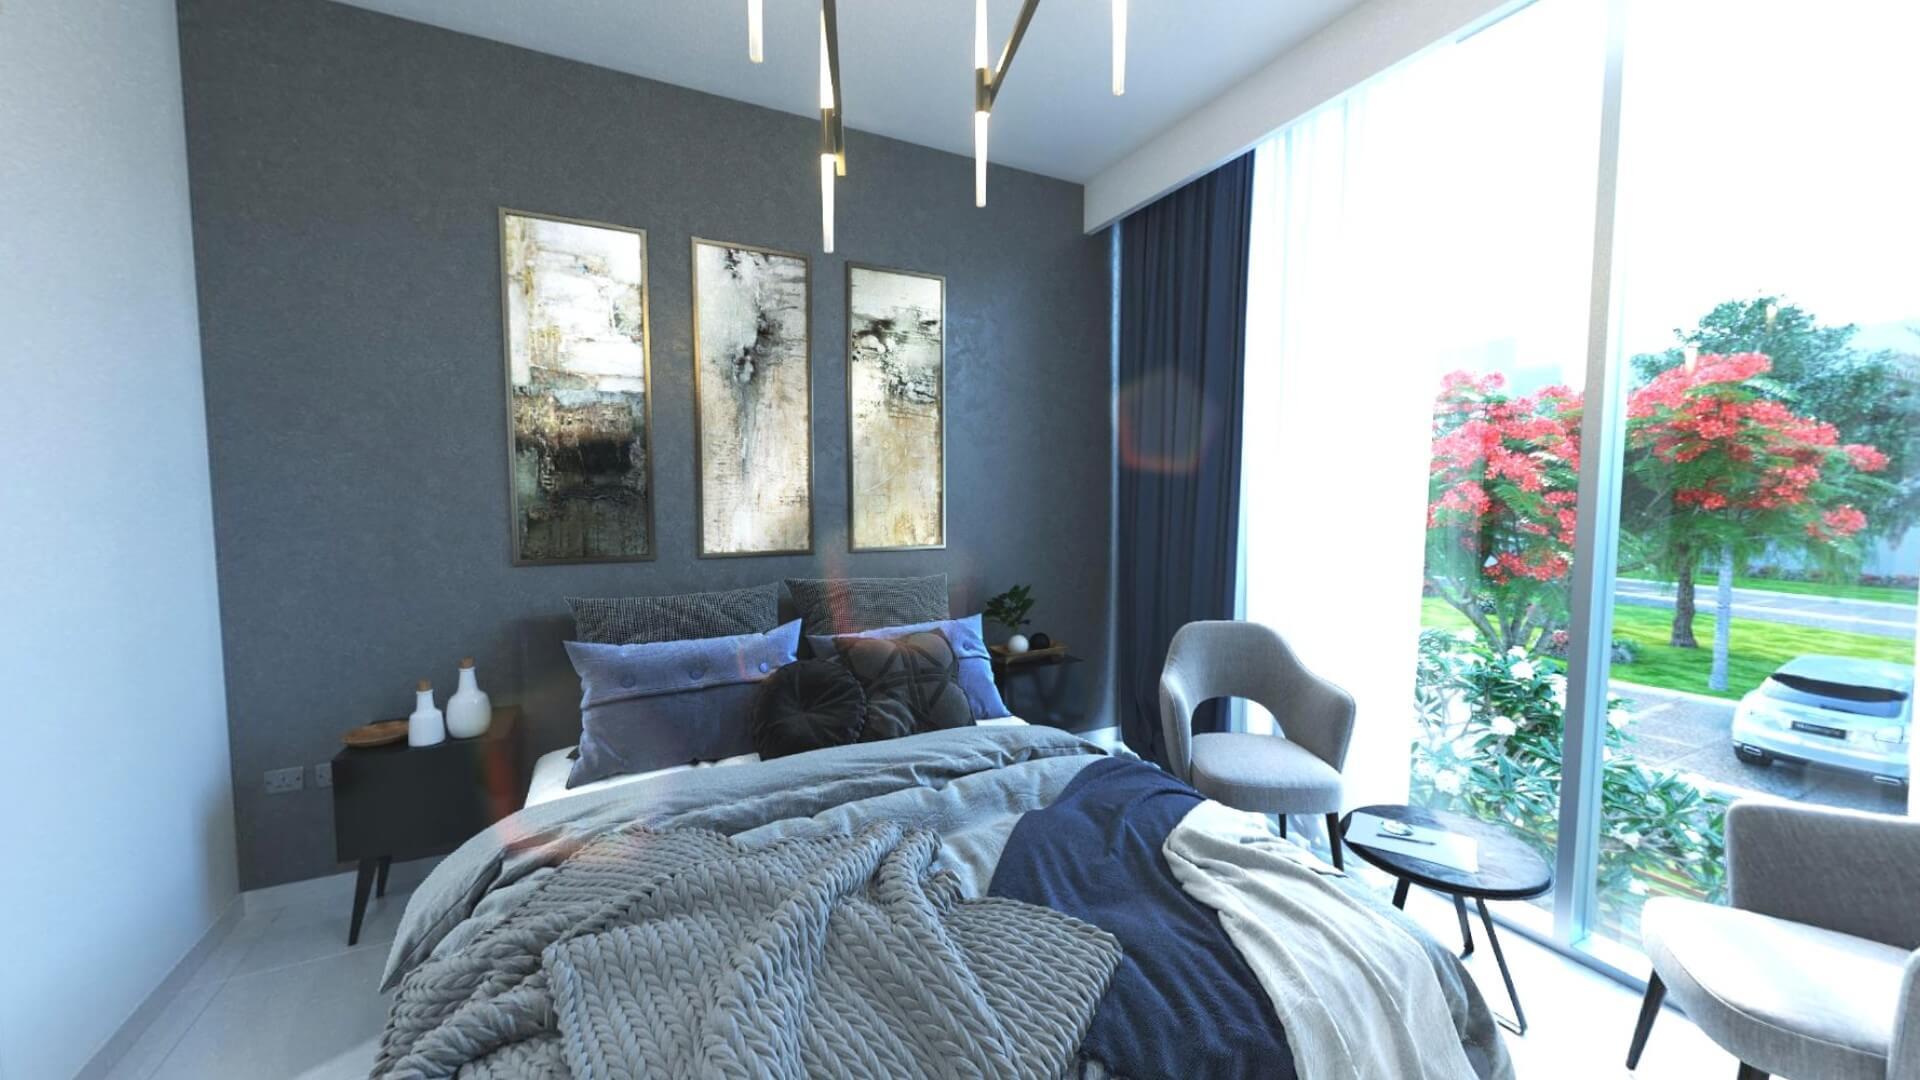 Adosado en venta en Dubai, EAU, 4 dormitorios, 238 m2, № 24558 – foto 1